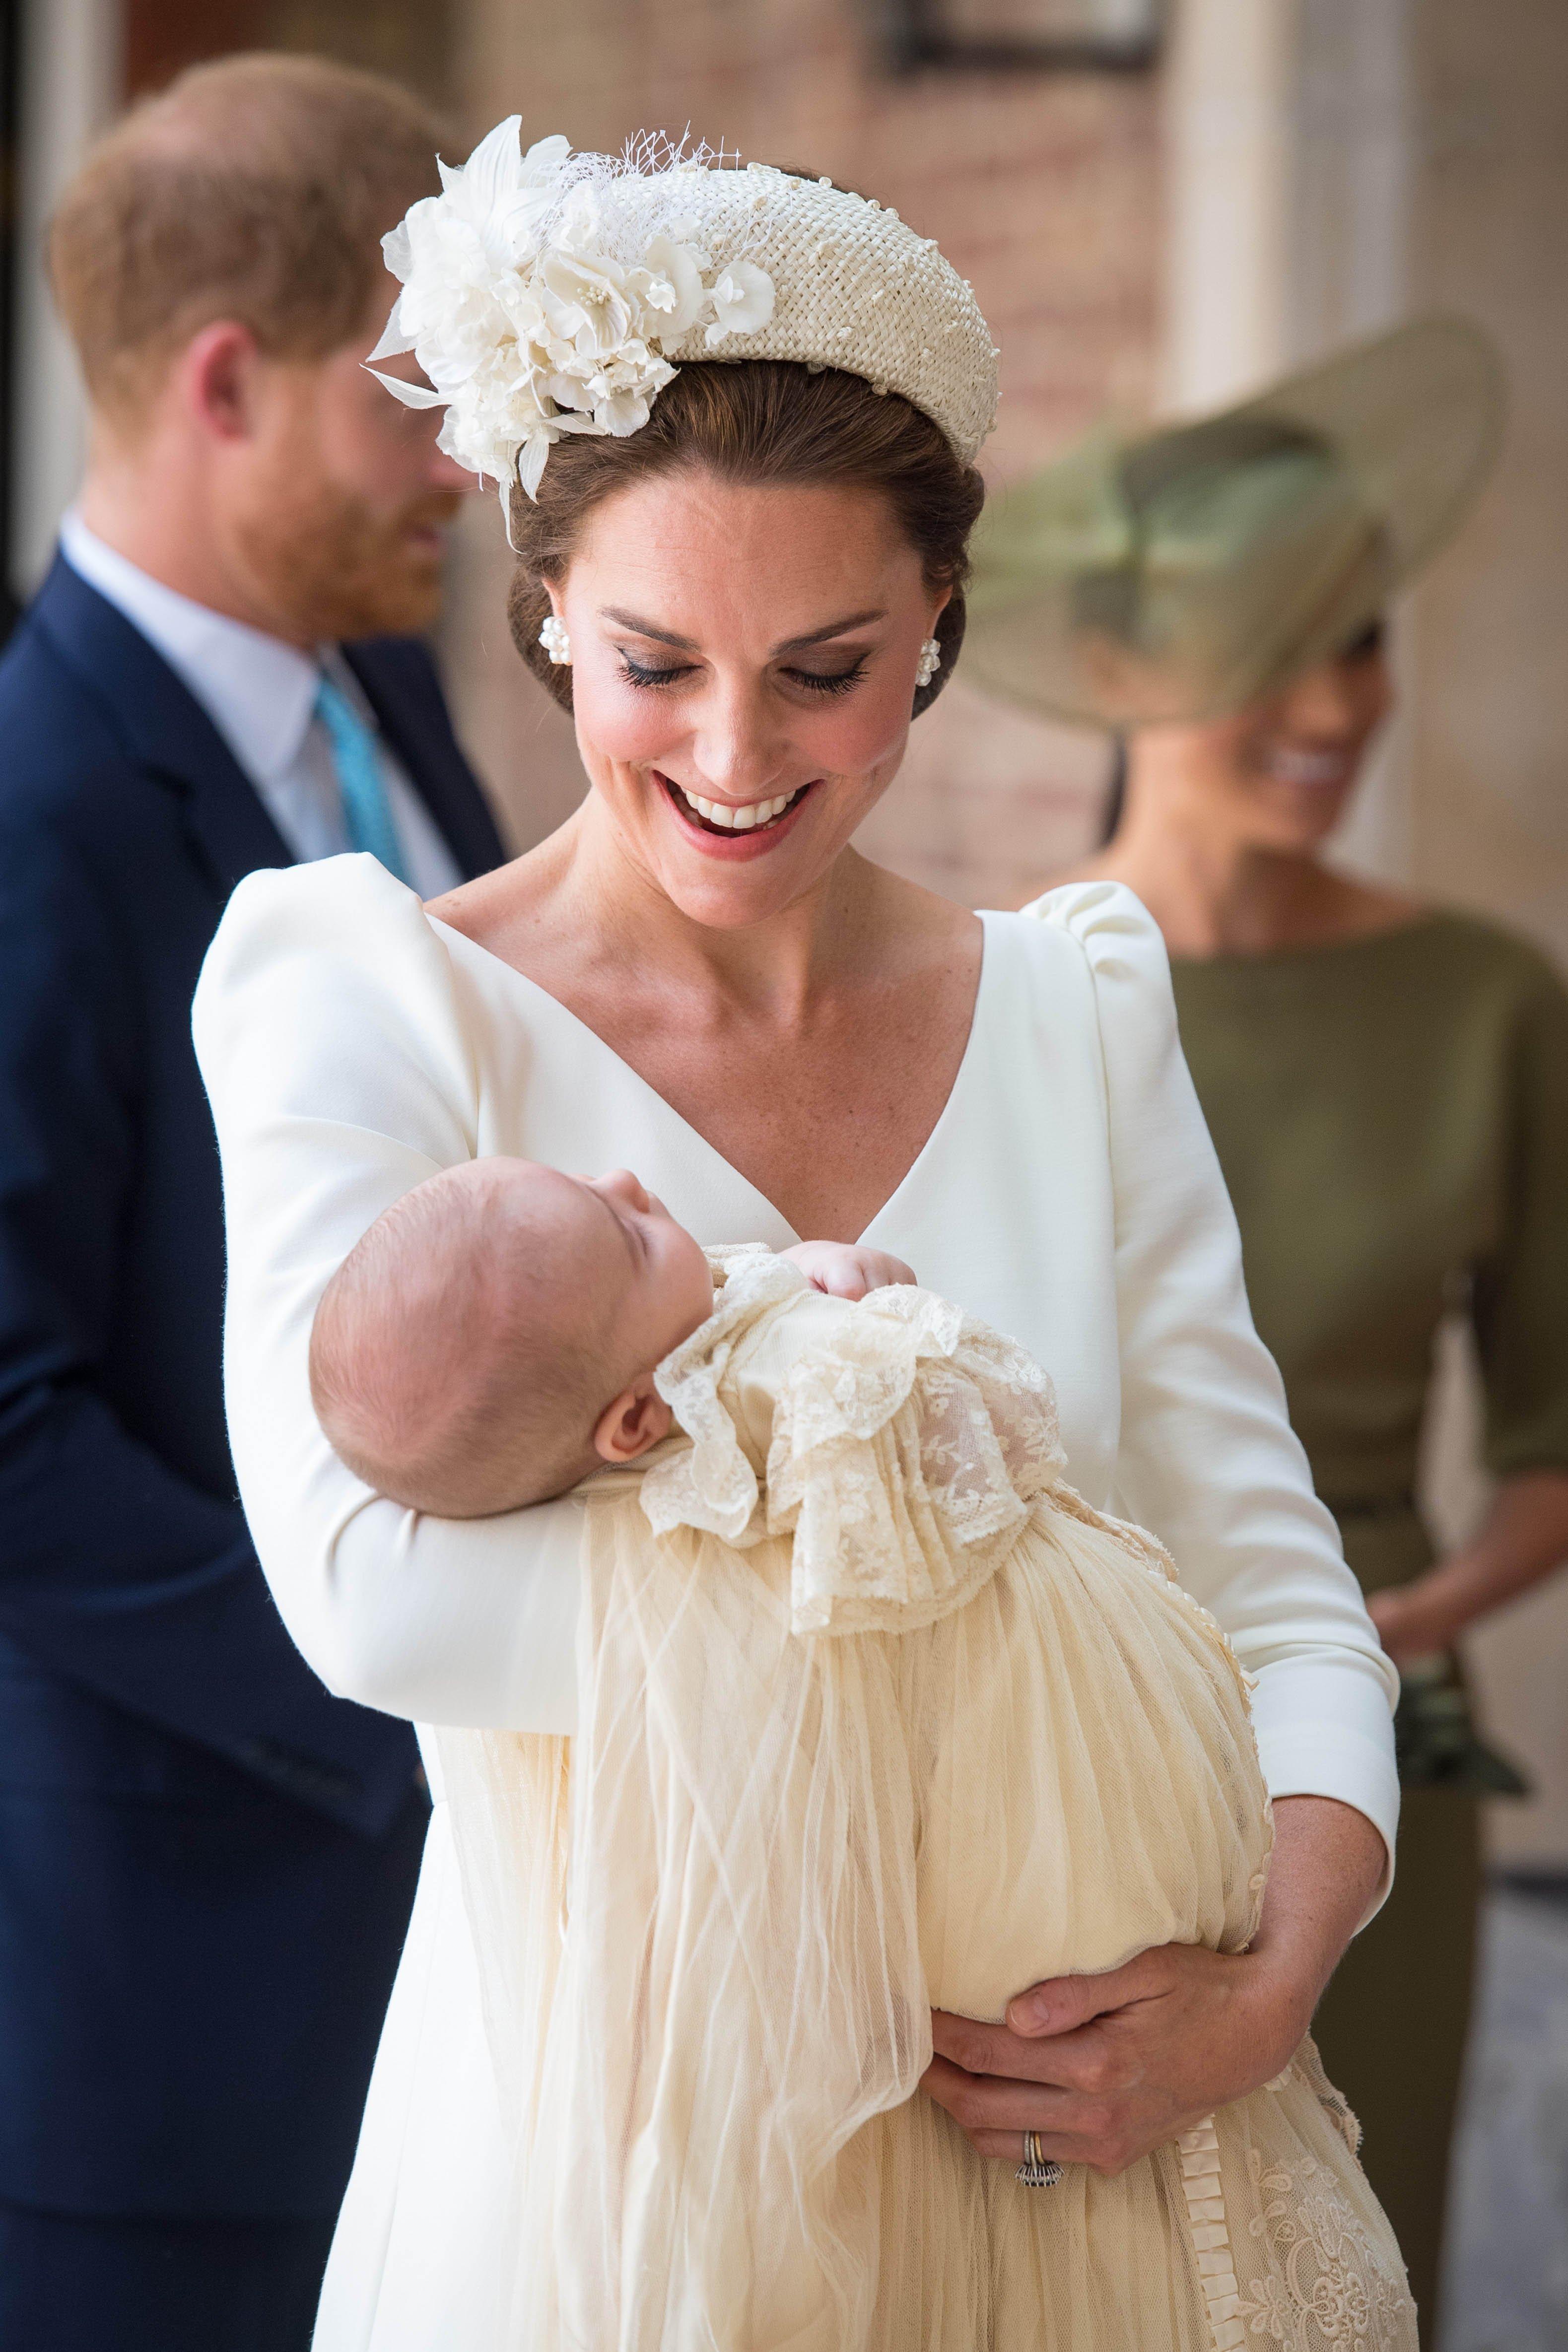 Kate Middleton sostiene a la Princesa Charlotte. Fuente: Getty Images/Global Images Ukraine